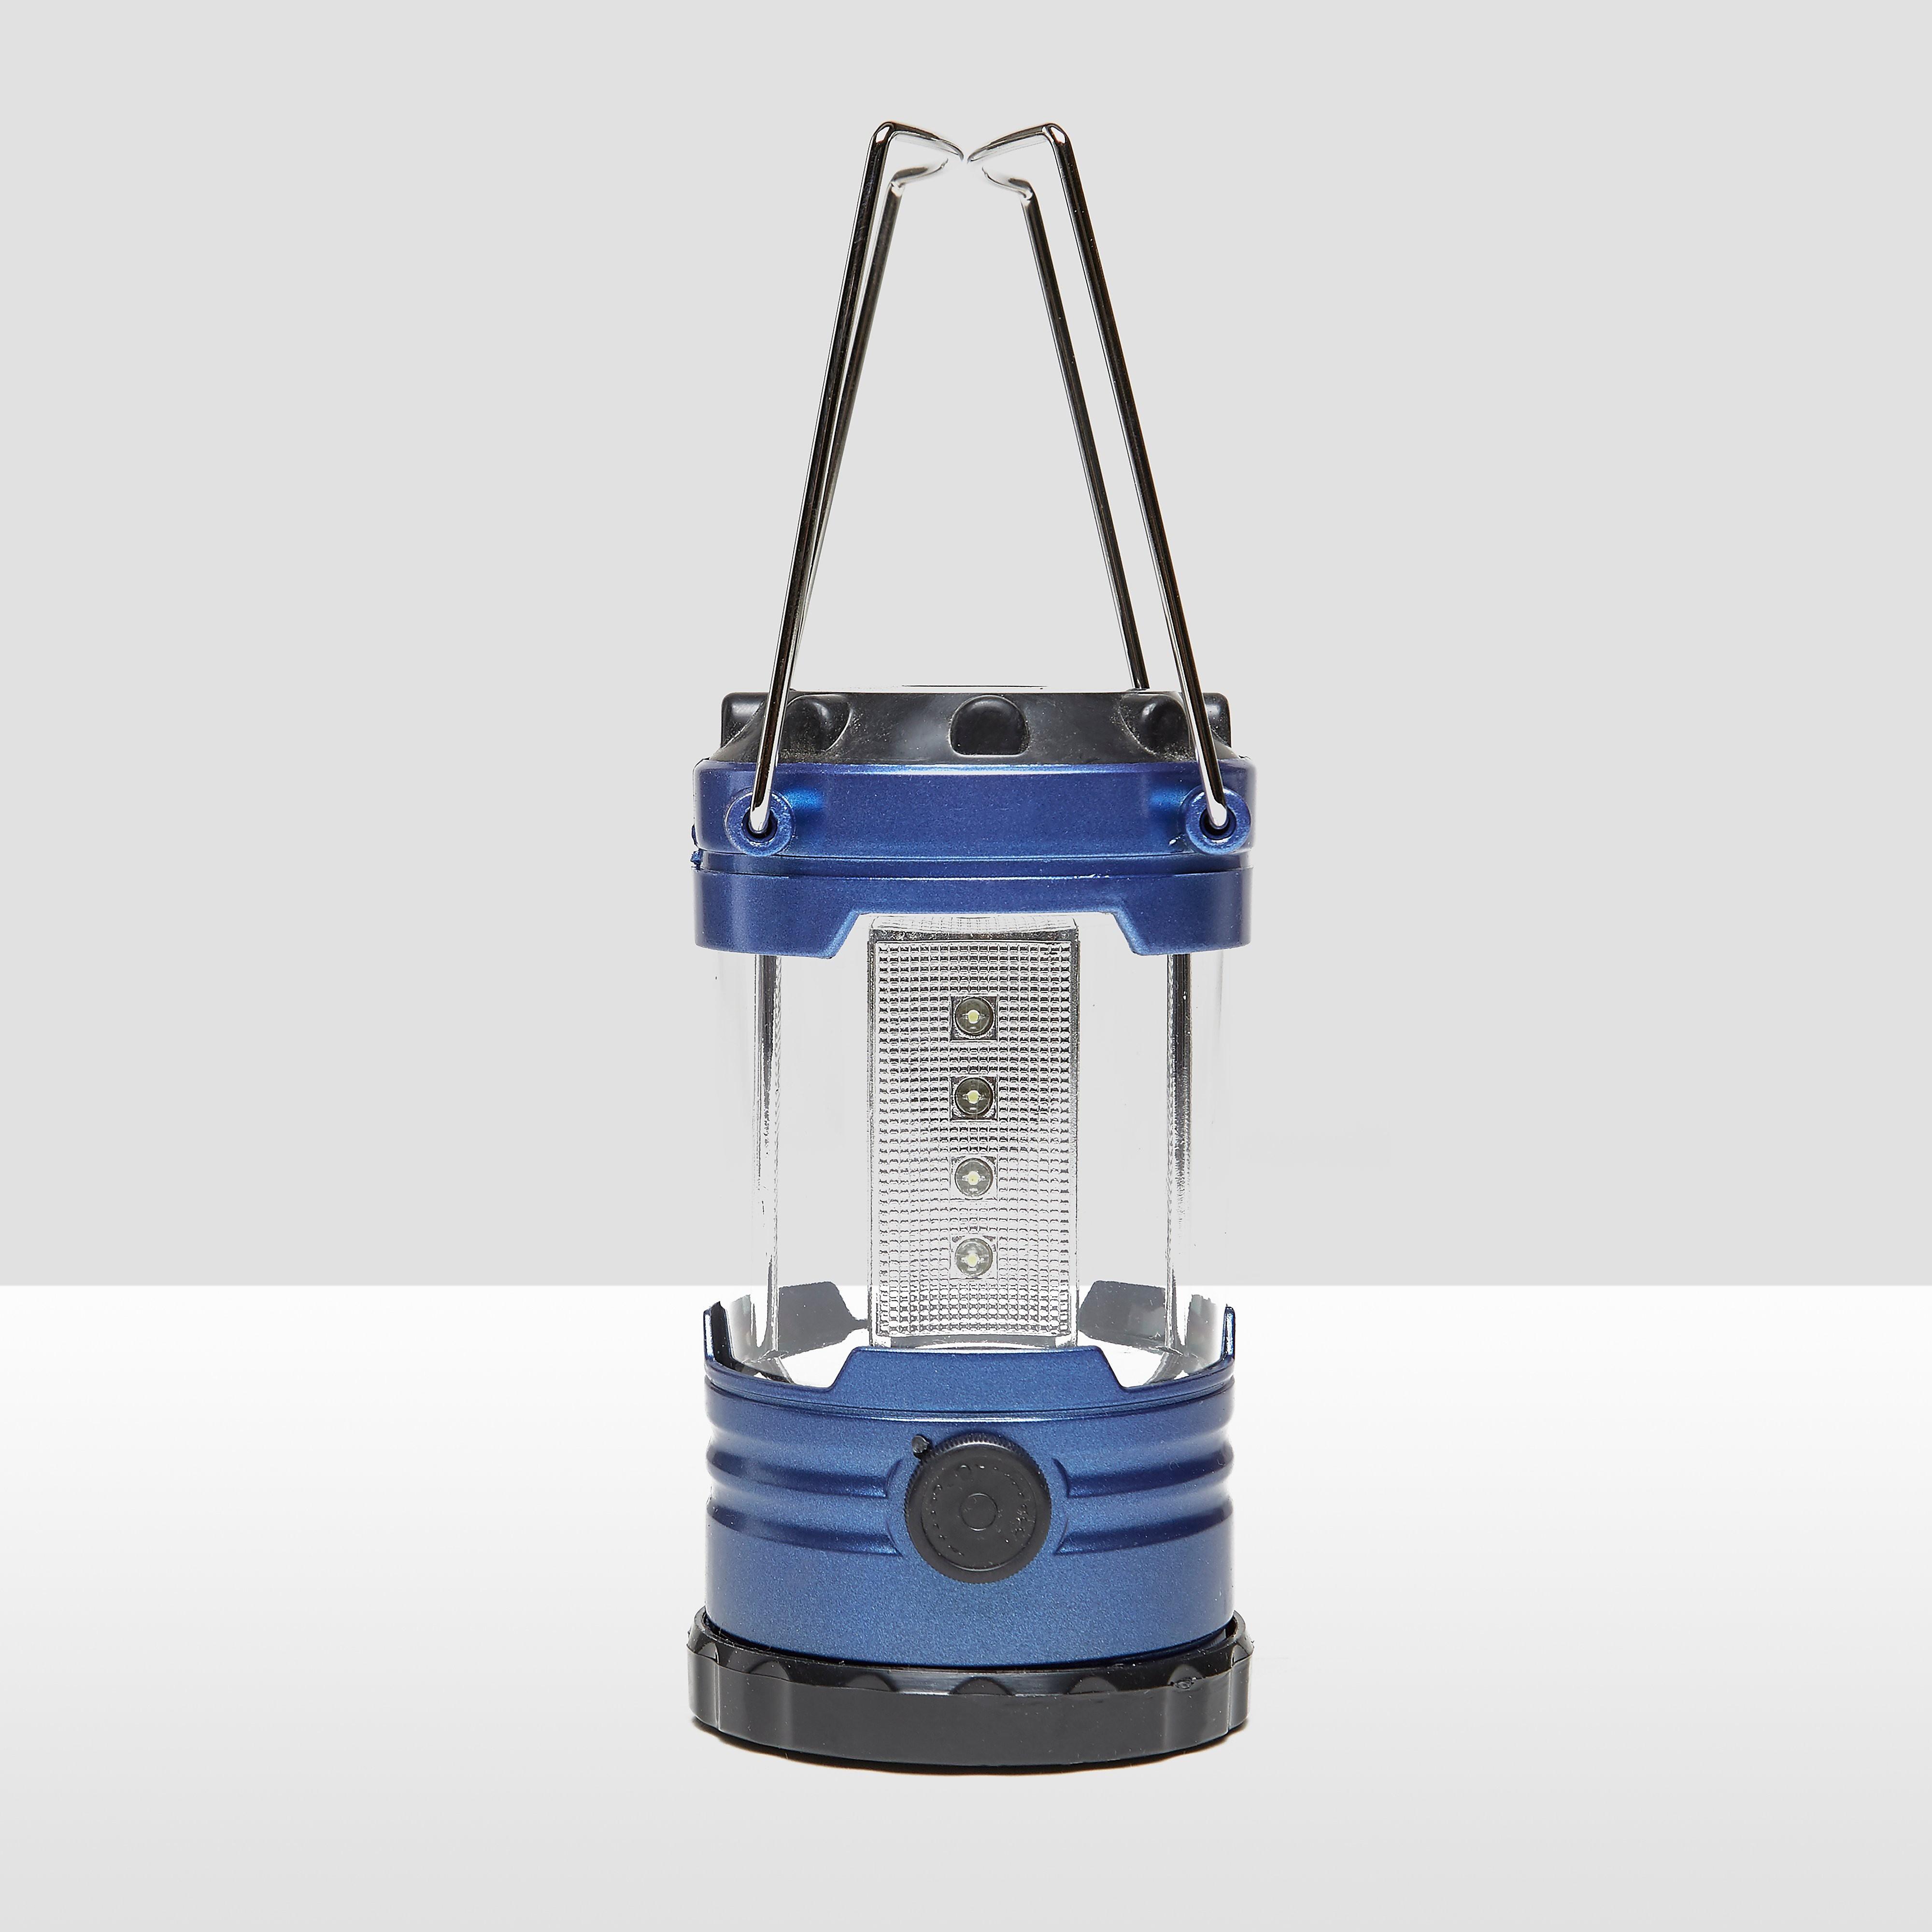 EUROHIKE 12 LED LANTERN BLAUW